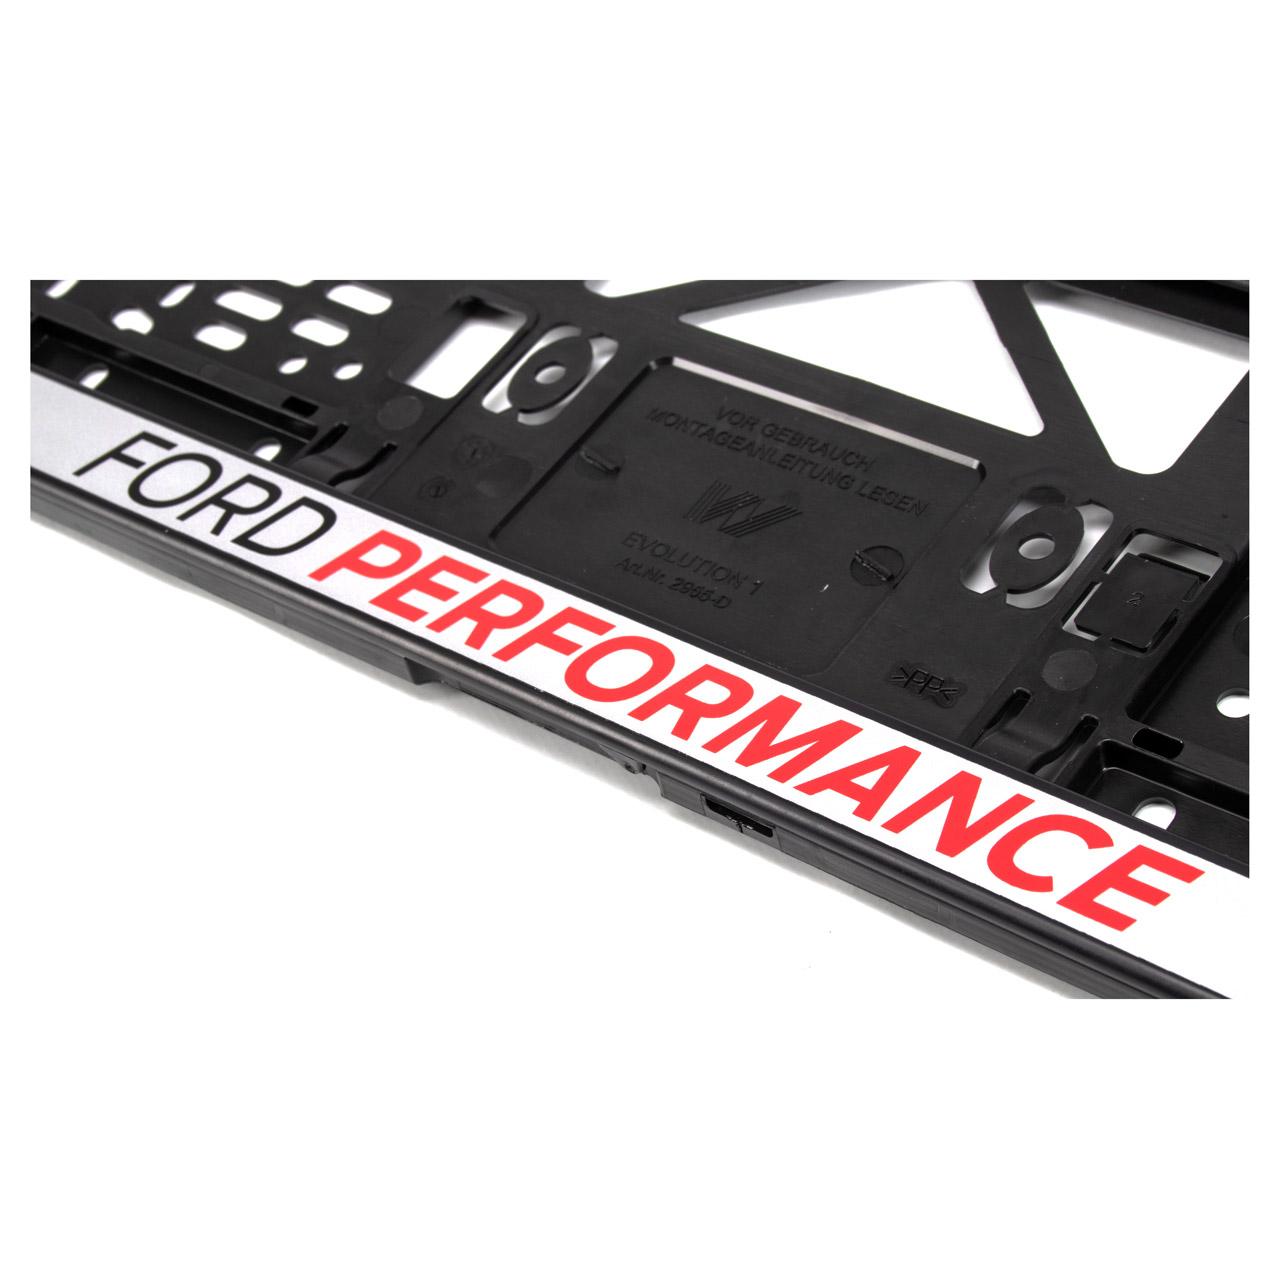 2x ORIGINAL Ford Performance Kennzeichenhalter SCHWARZ / SILBER mit Logo 2372314